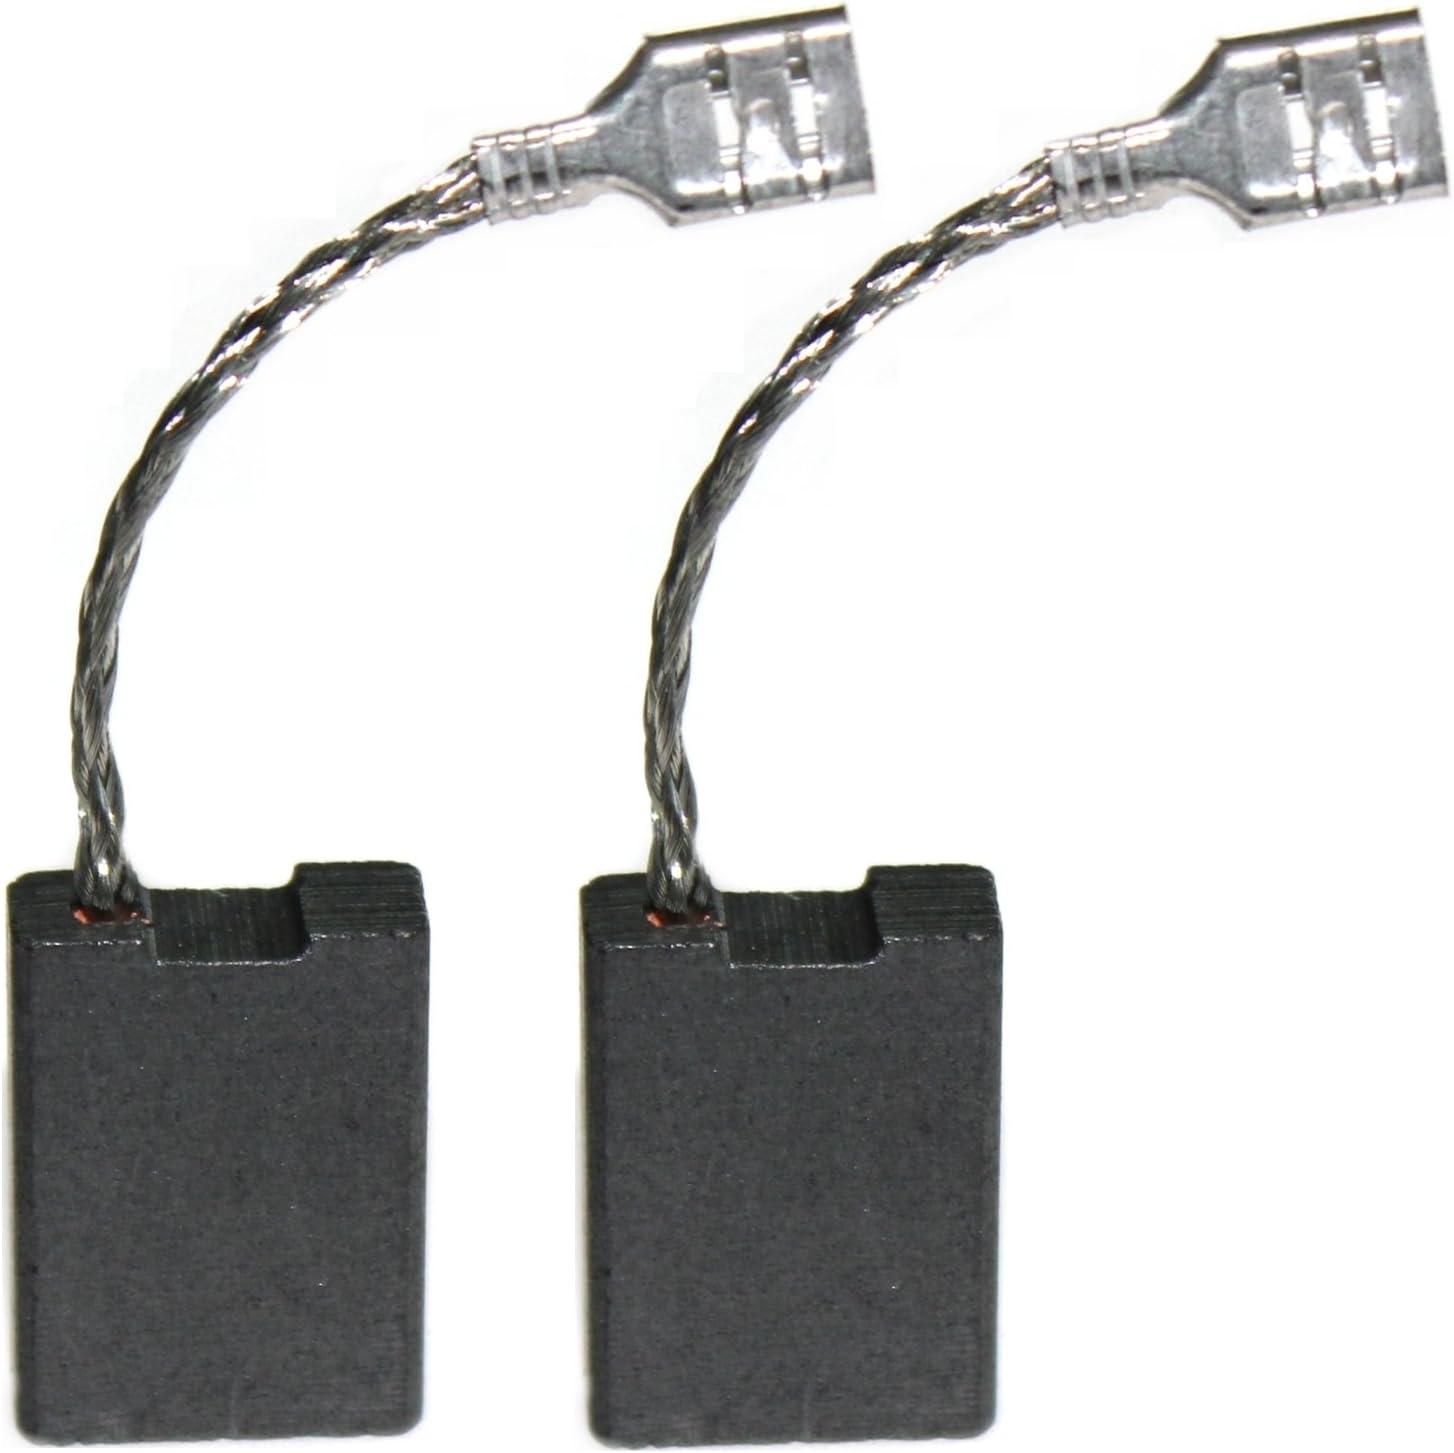 Escobillas de carbono para amoladora angular Hilti DC 230 S / DC 230-S / WS 230 / BHG 230 / DC230S / DC230-S / WS230 / BHG230